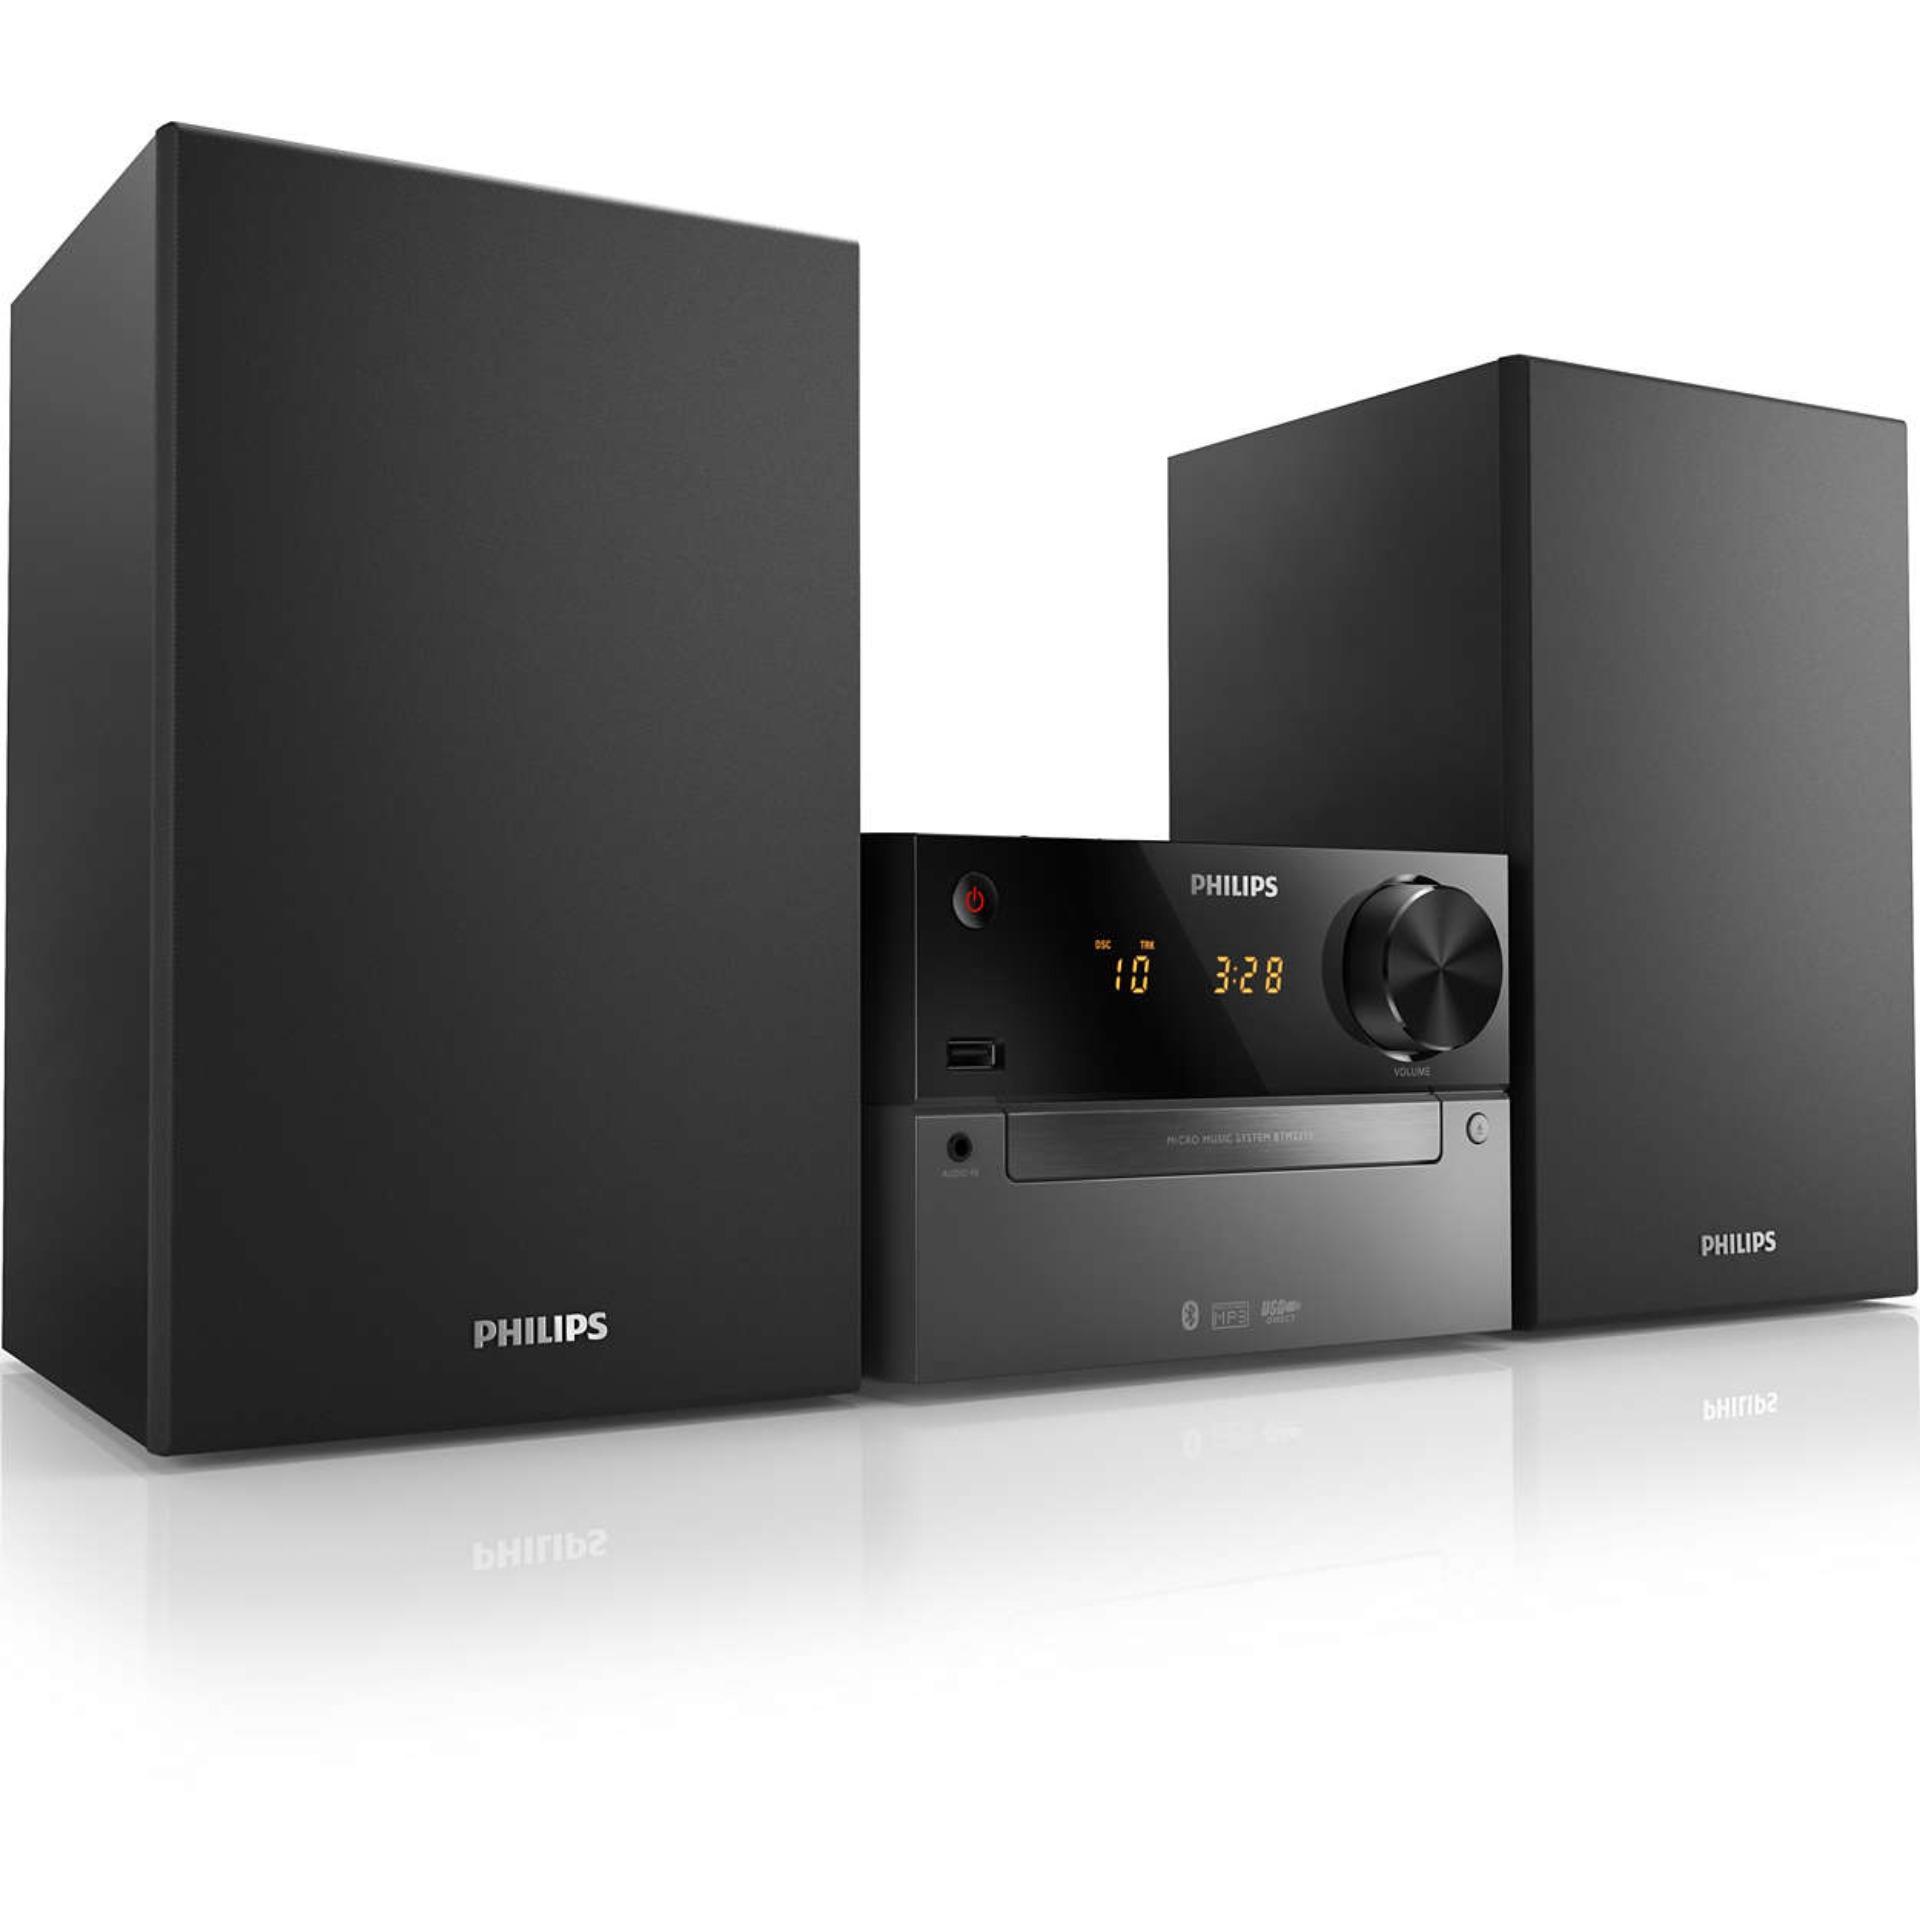 Hình ảnh Loa Philips BTM2310 HIFI/2.1(usb, Bluetooth,FM,CD) - hàng nhập khẩu